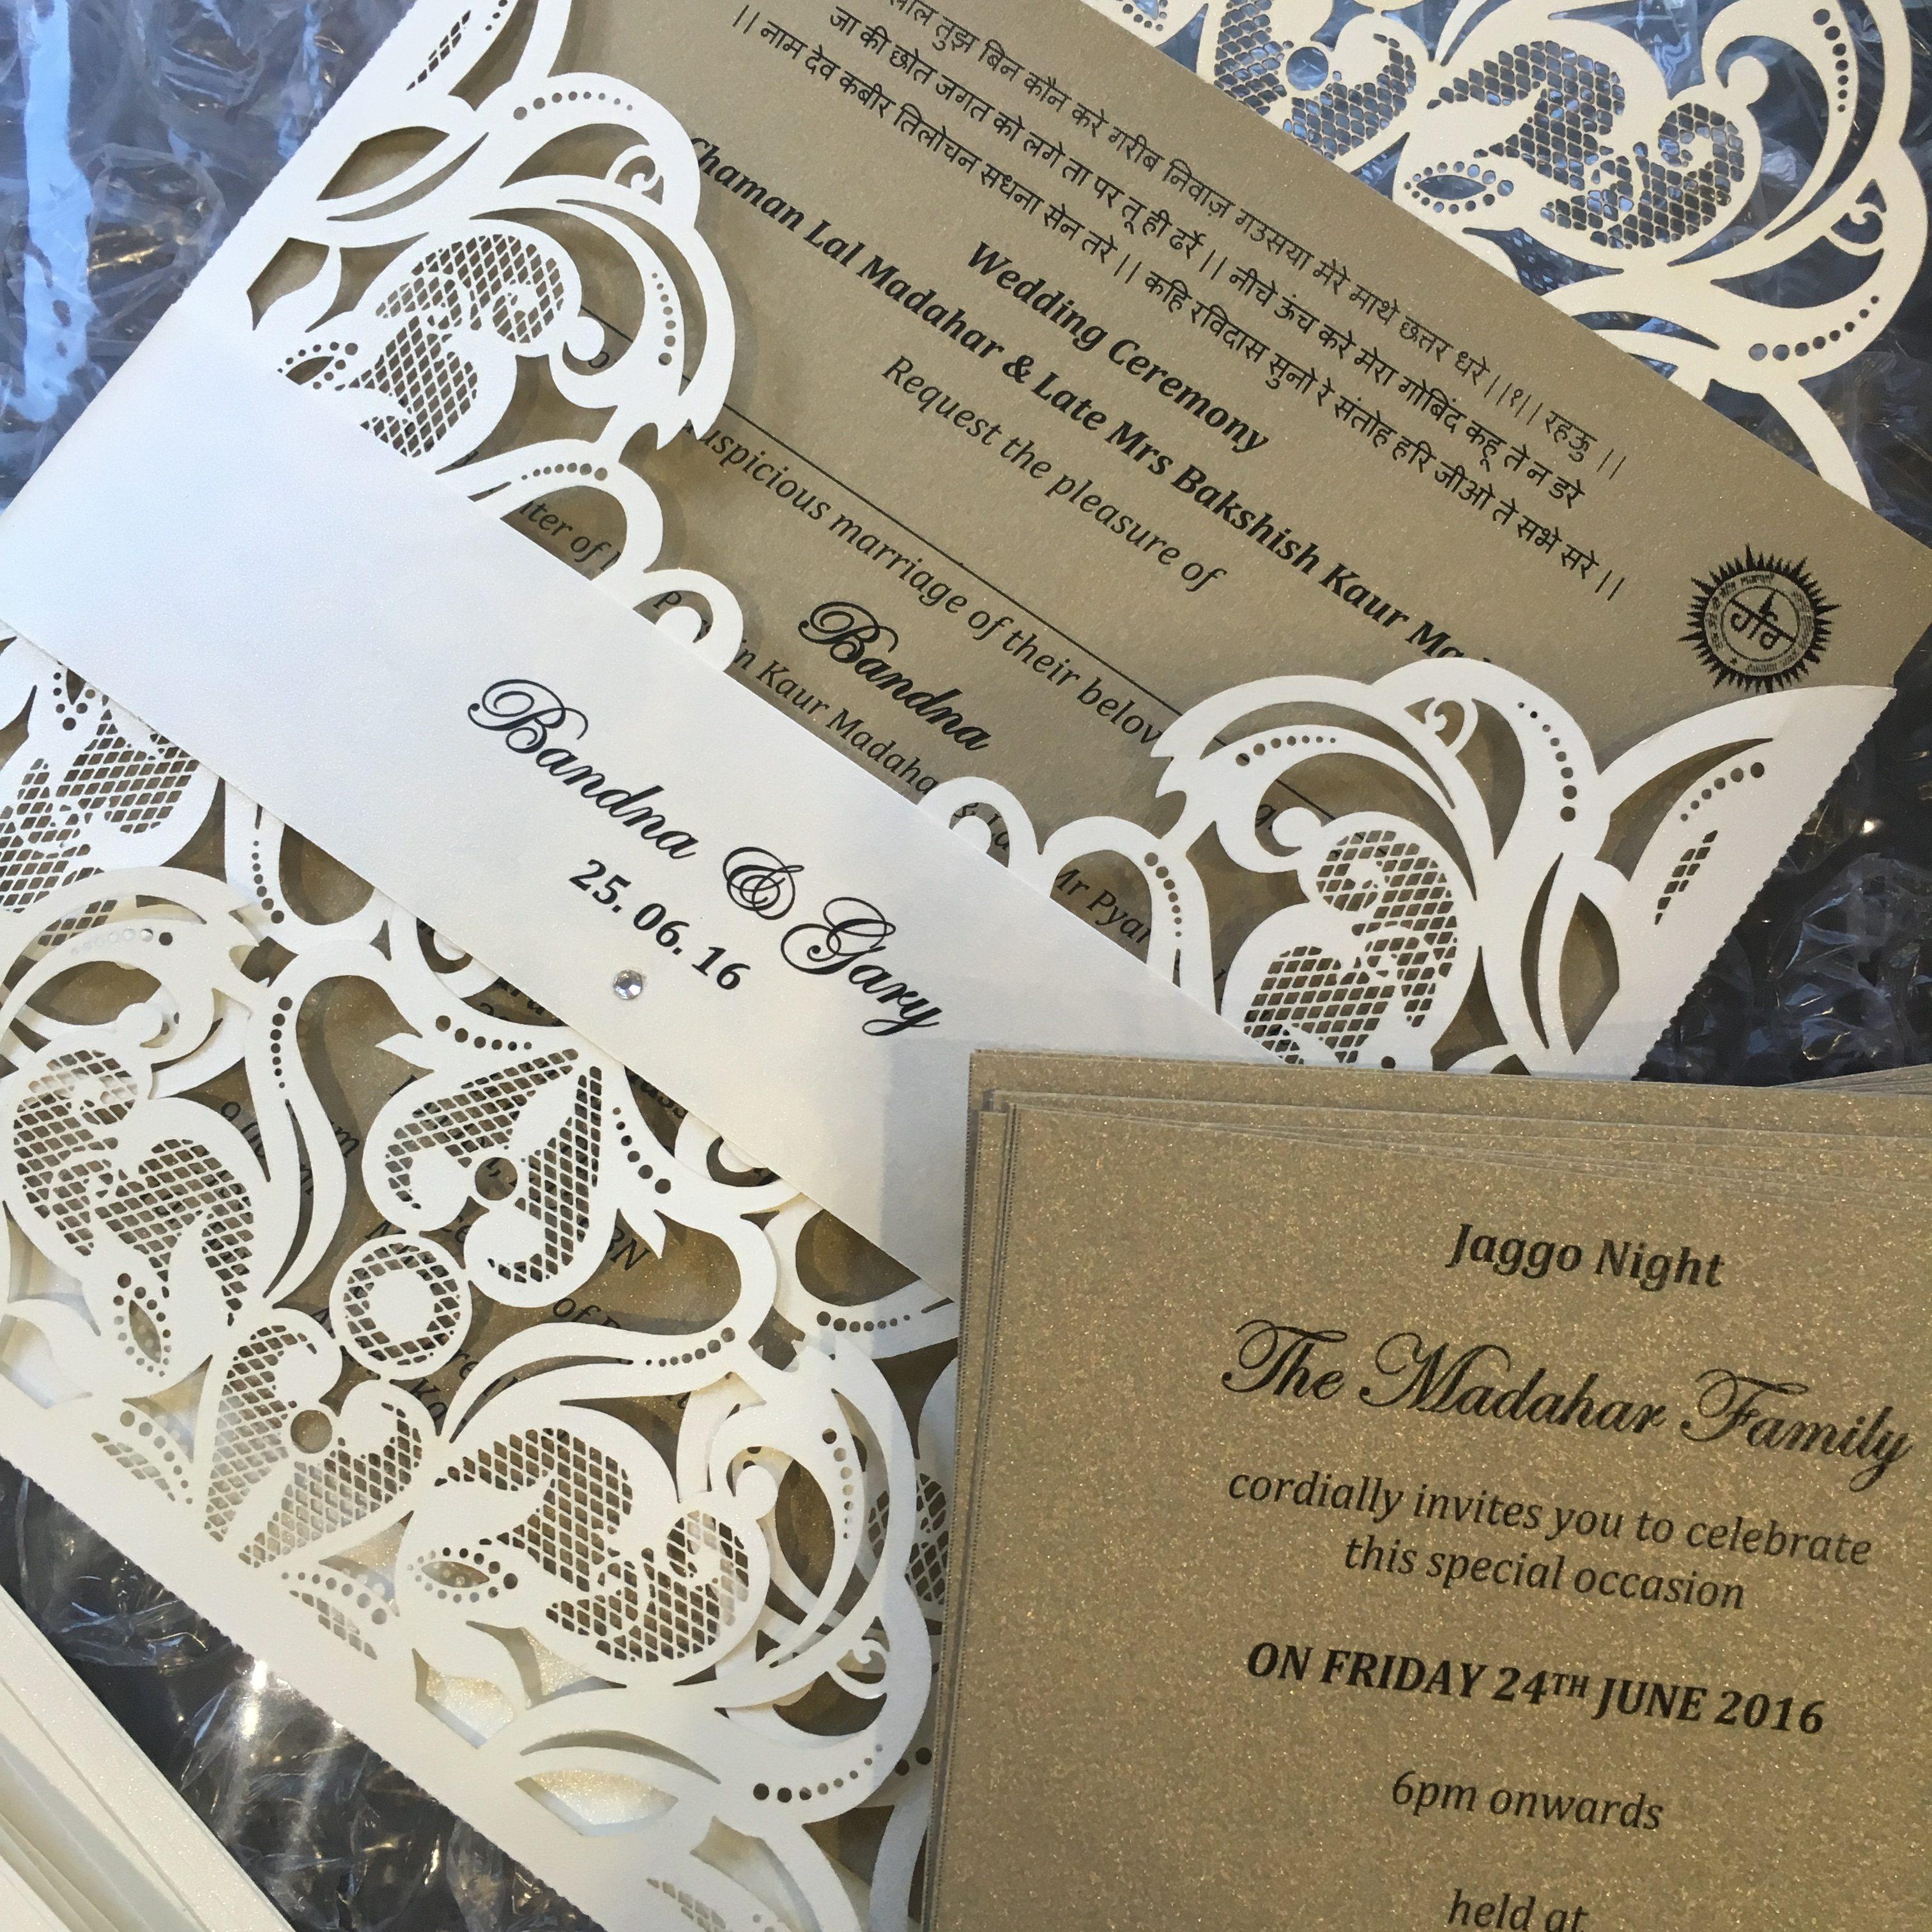 Laser Cut Invitations Wedding: Bandana Laser Cut Wedding Invitation With A Custom Belly Band